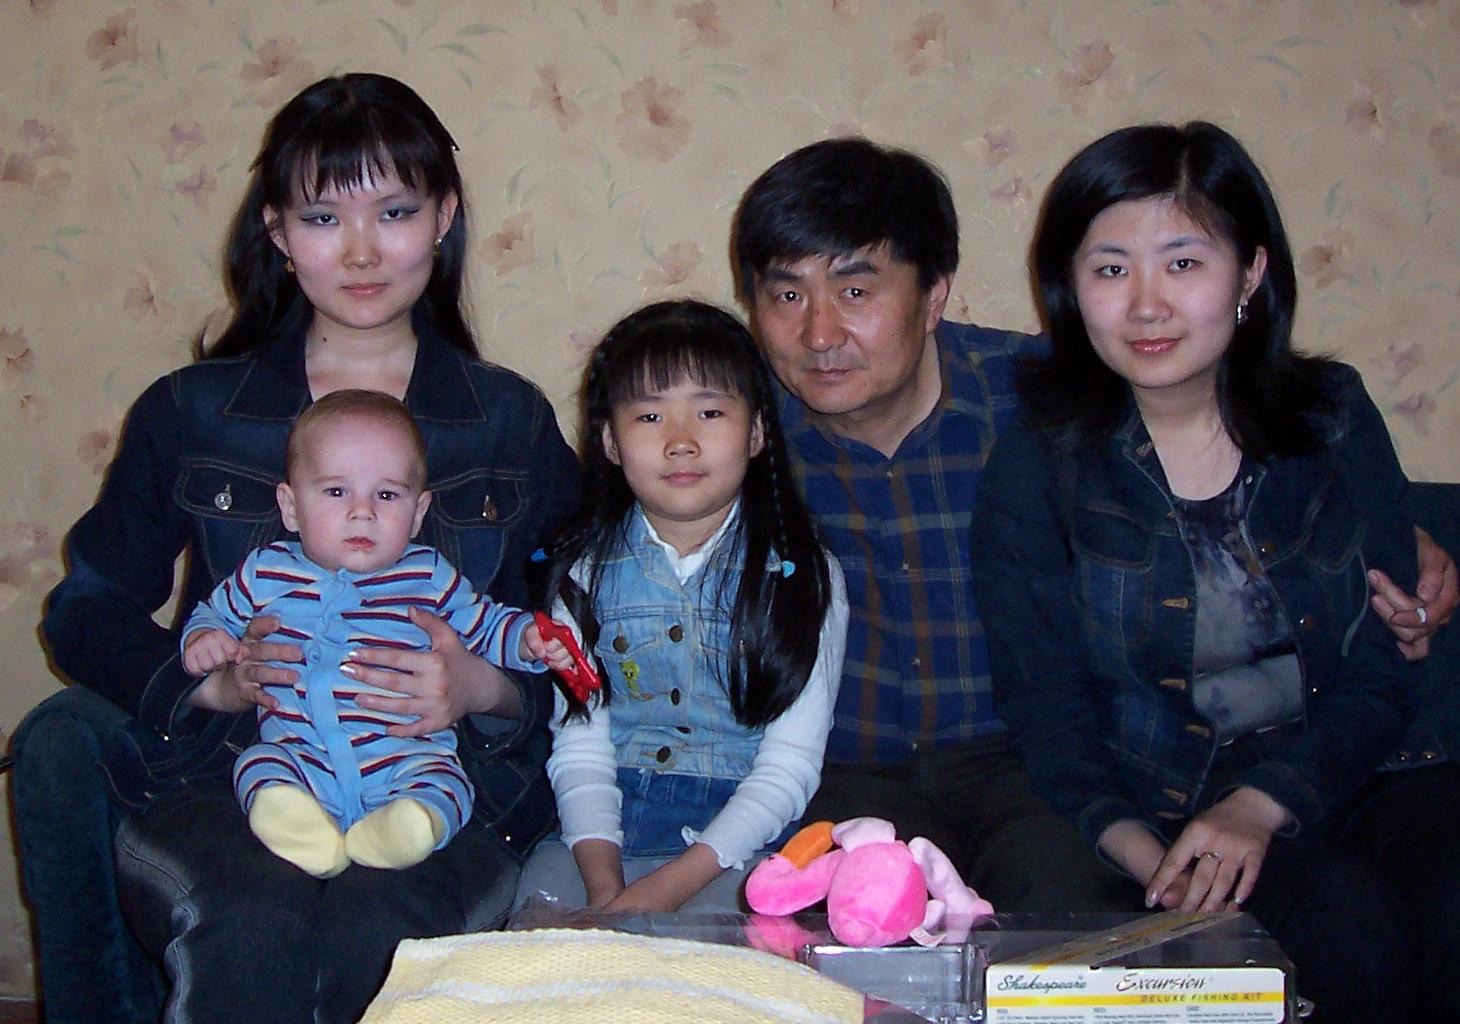 Escort girls in Zhanibek